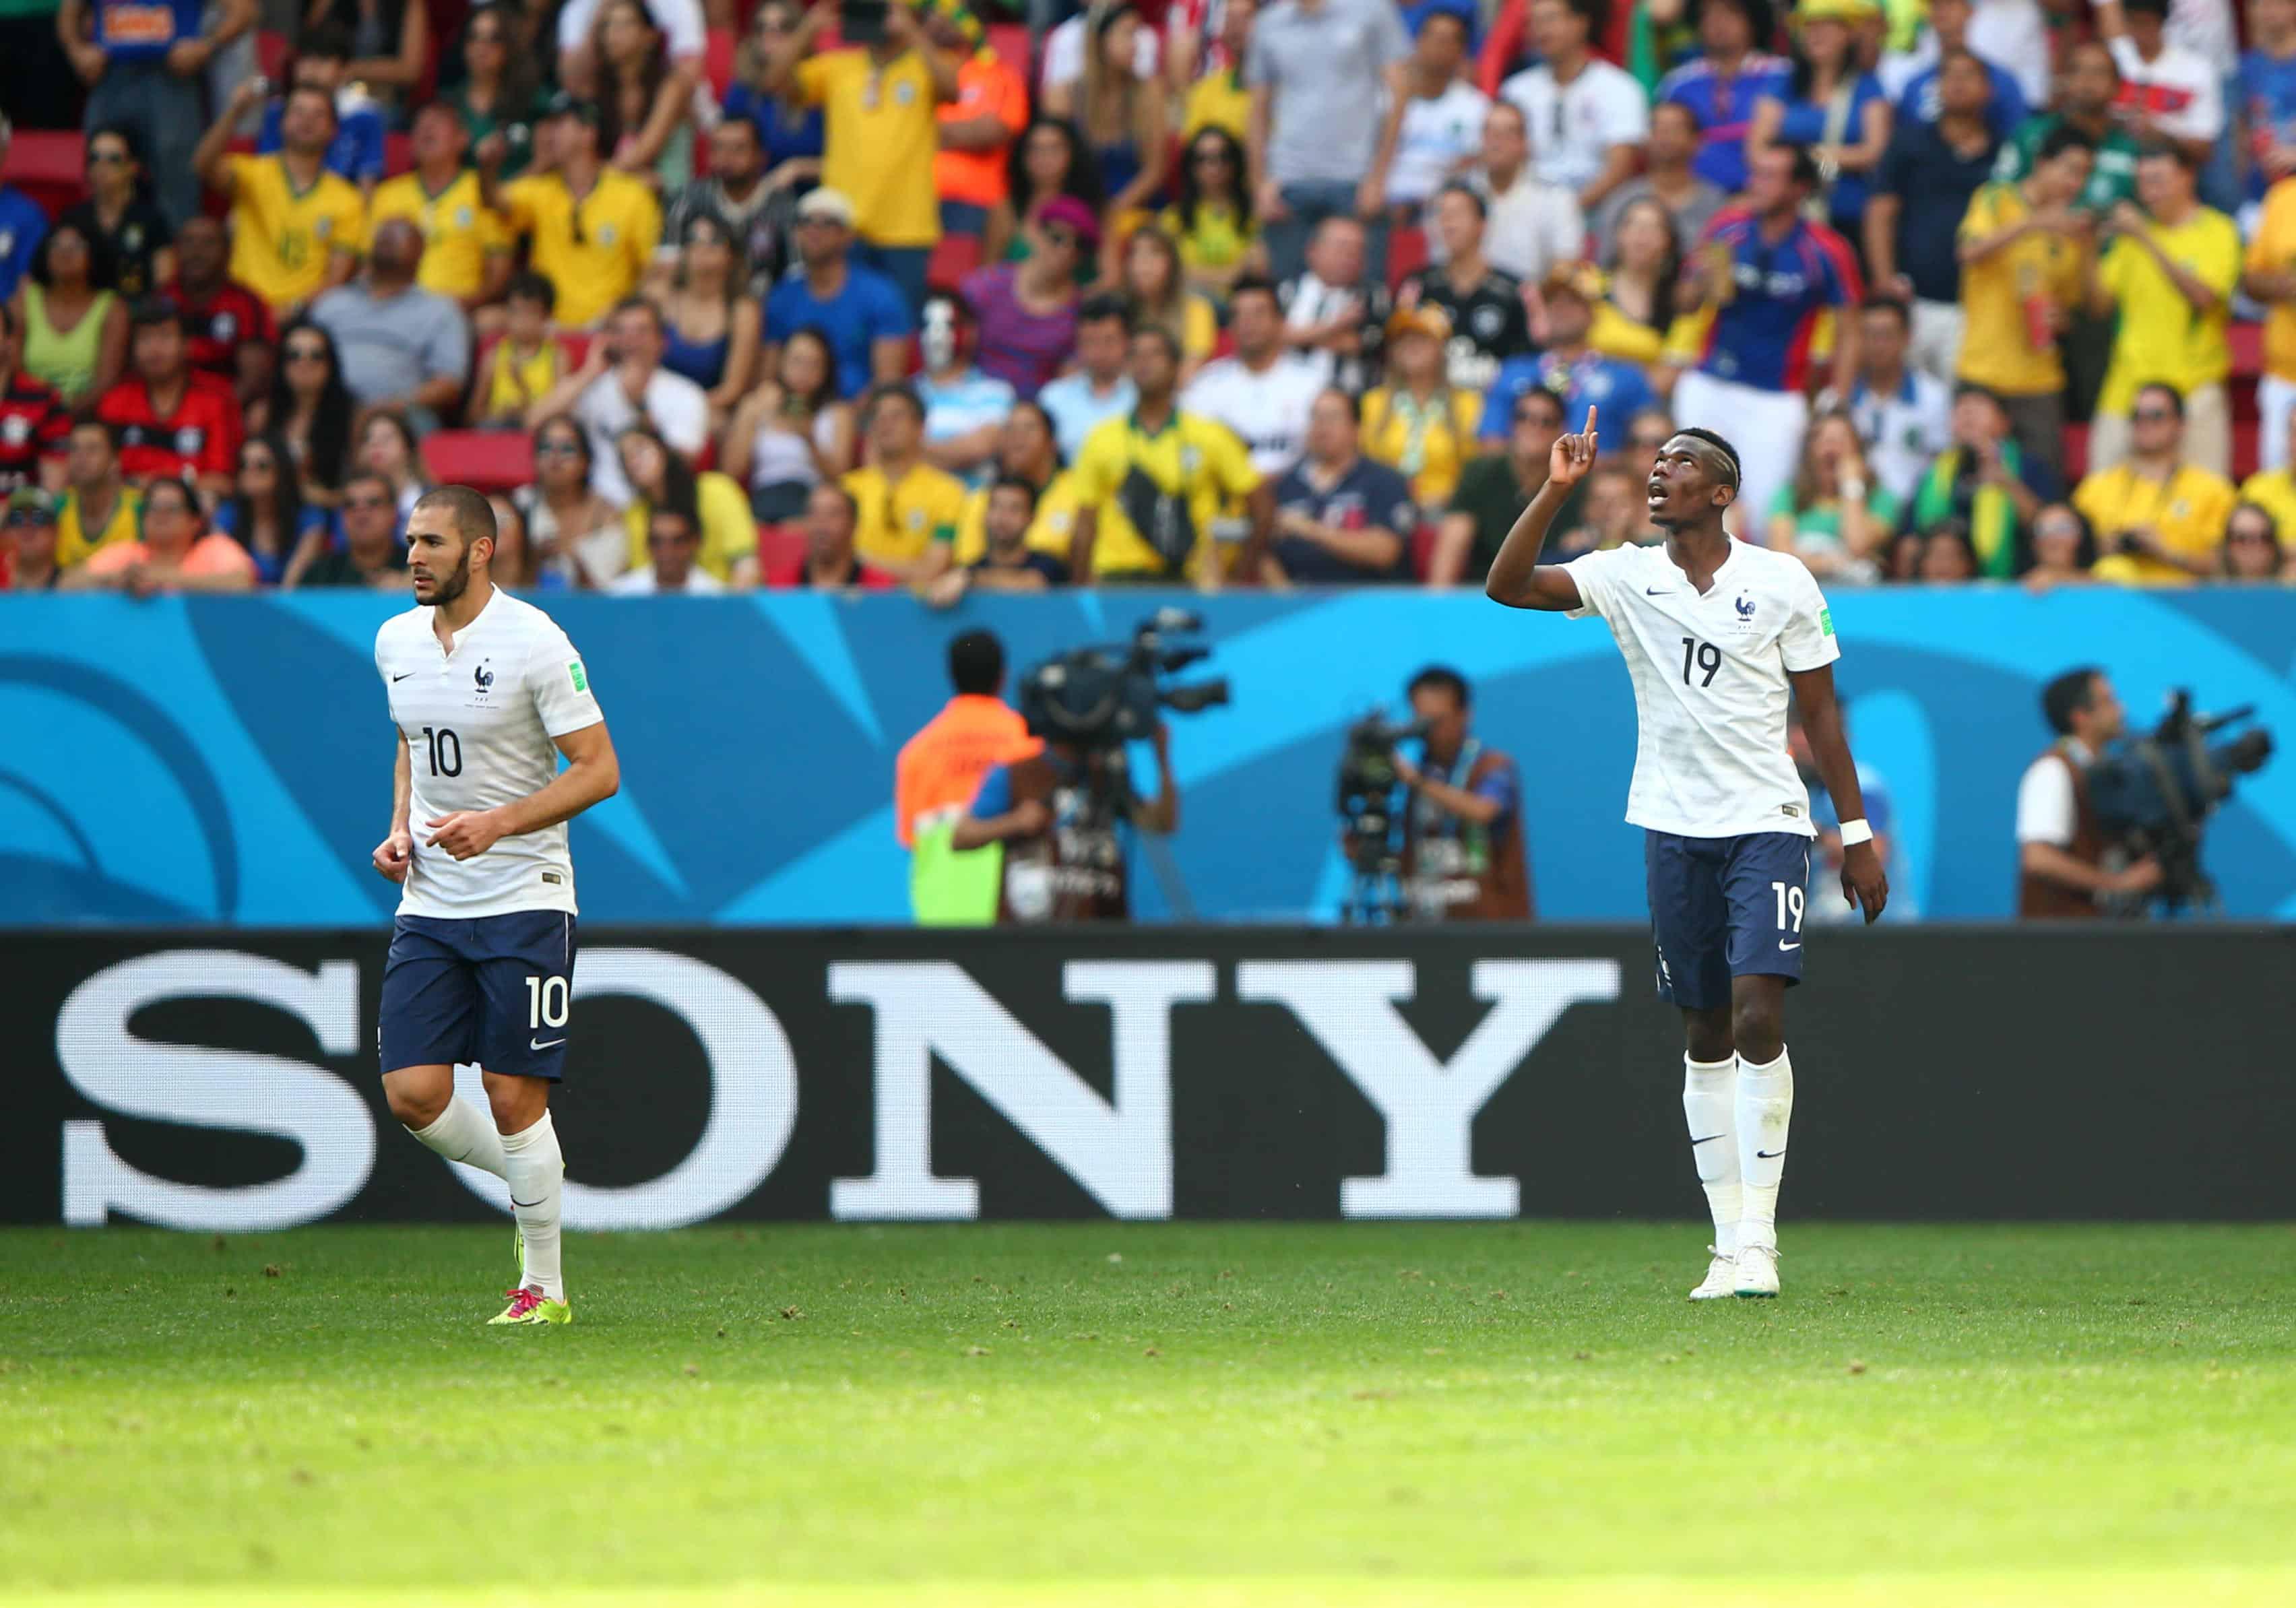 Coupe du monde 2014 r sultat france allemagne 0 1 la france s 39 incline en luttant jusqu 39 - Resultat coupe du monde foot 2014 ...